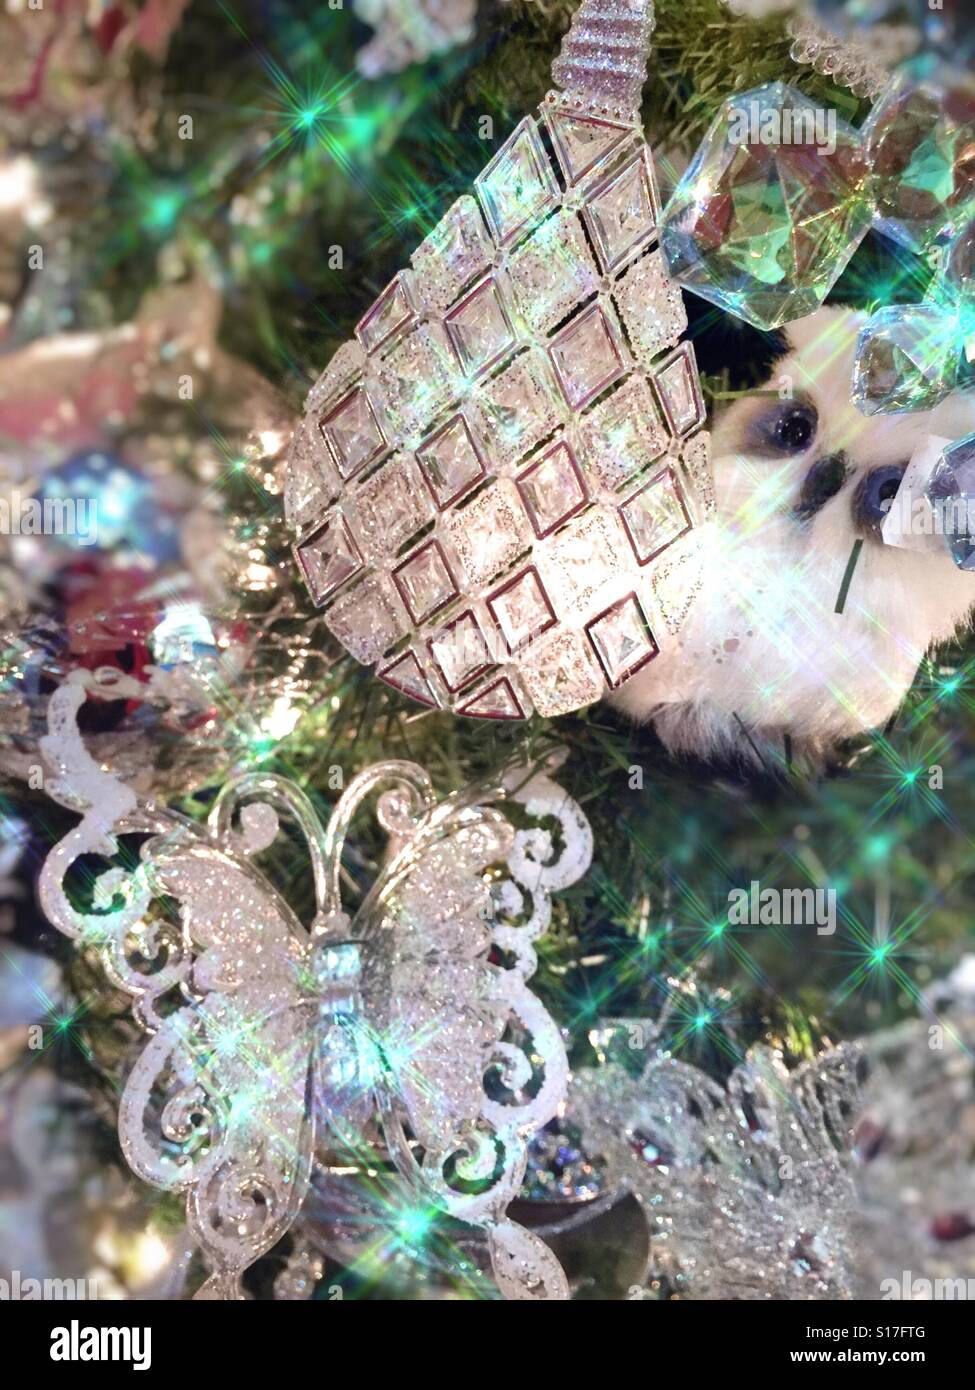 Ein Hell Erleuchteter Glitzernder Weihnachtsbaum Dekoriert Mit